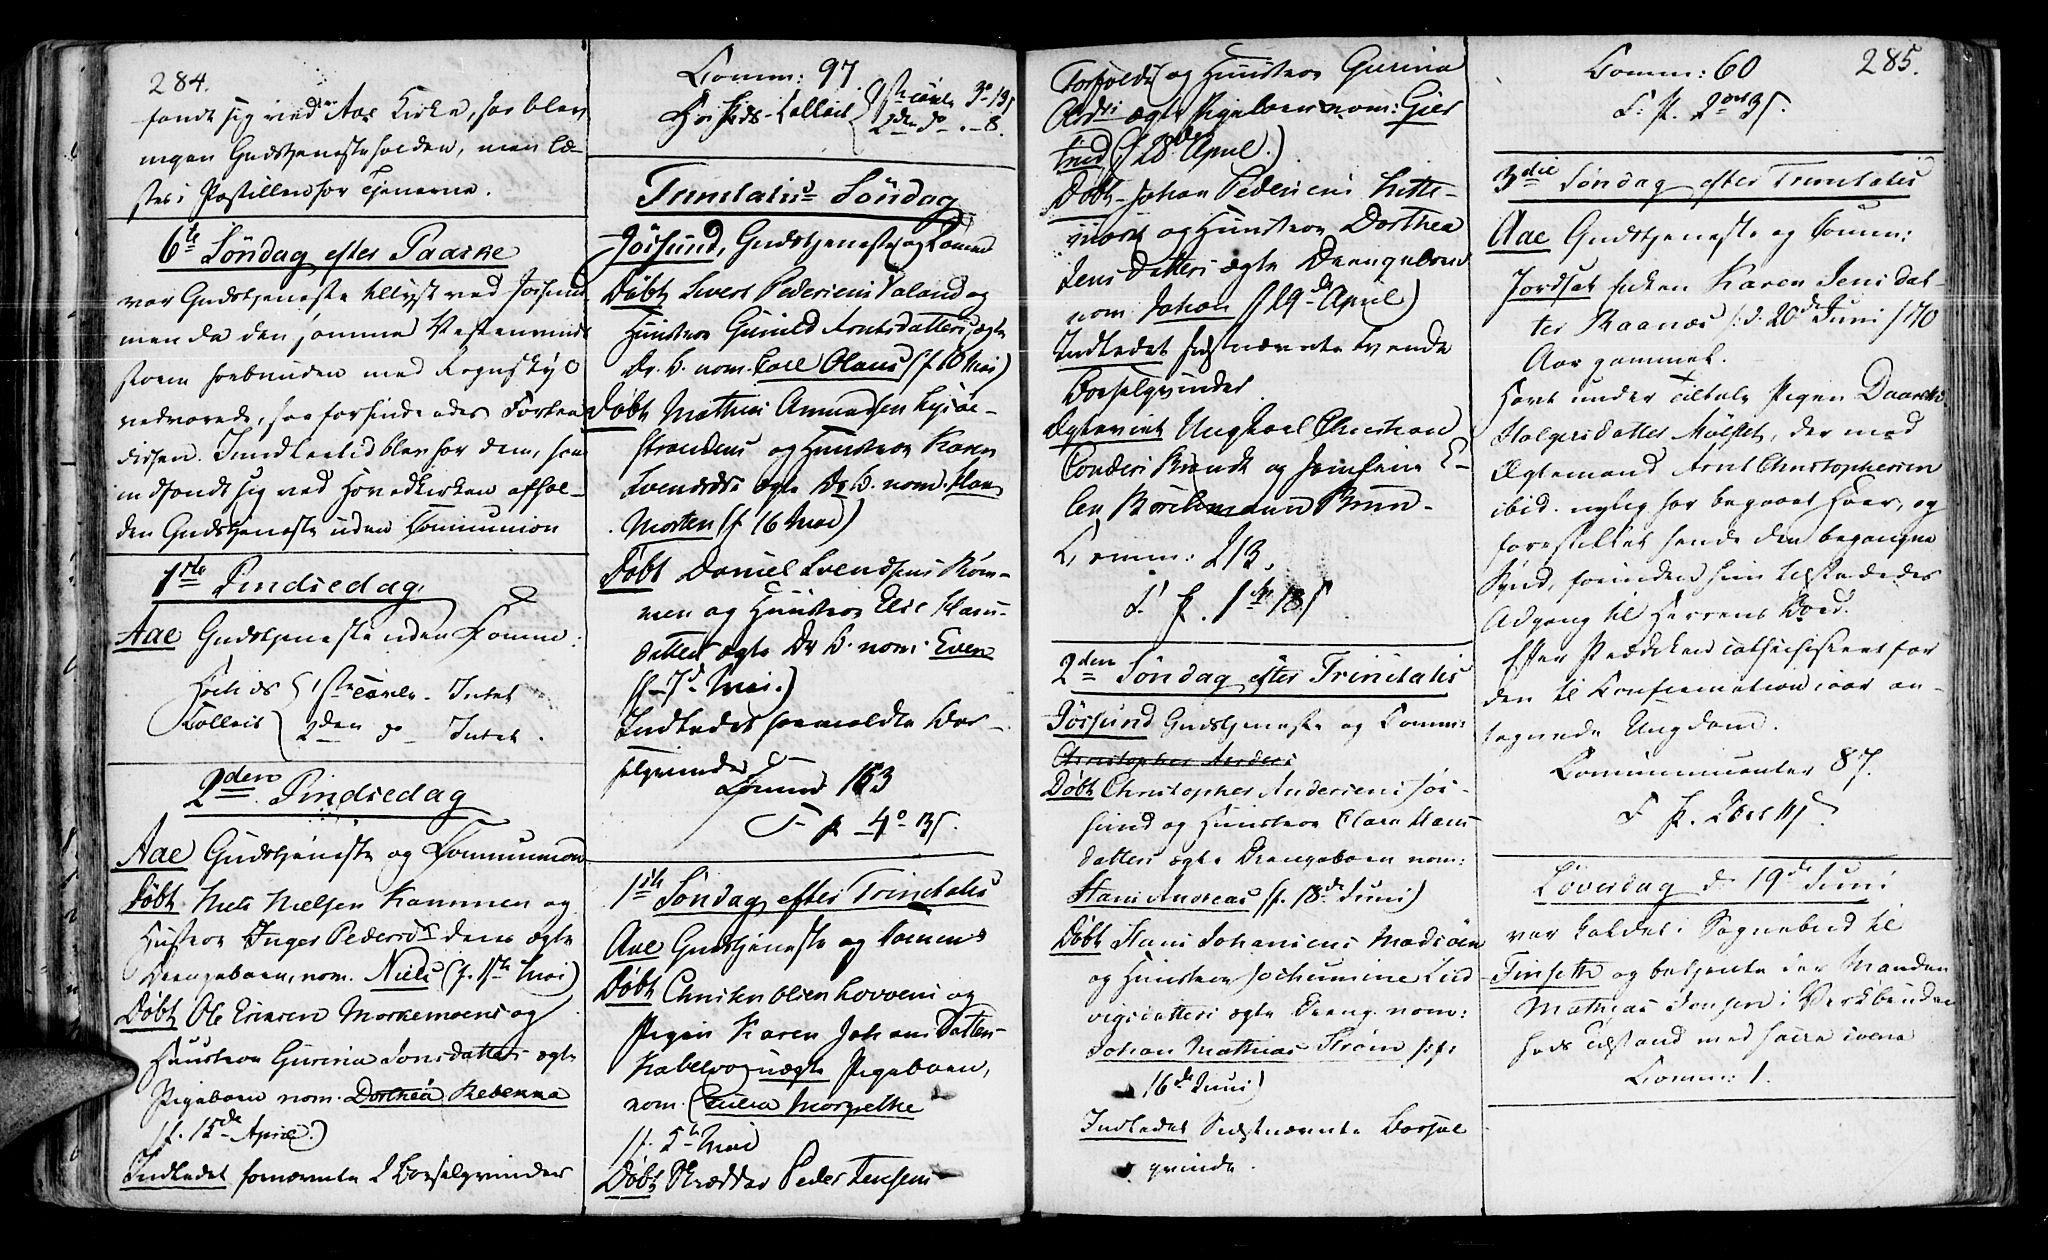 SAT, Ministerialprotokoller, klokkerbøker og fødselsregistre - Sør-Trøndelag, 655/L0674: Ministerialbok nr. 655A03, 1802-1826, s. 284-285